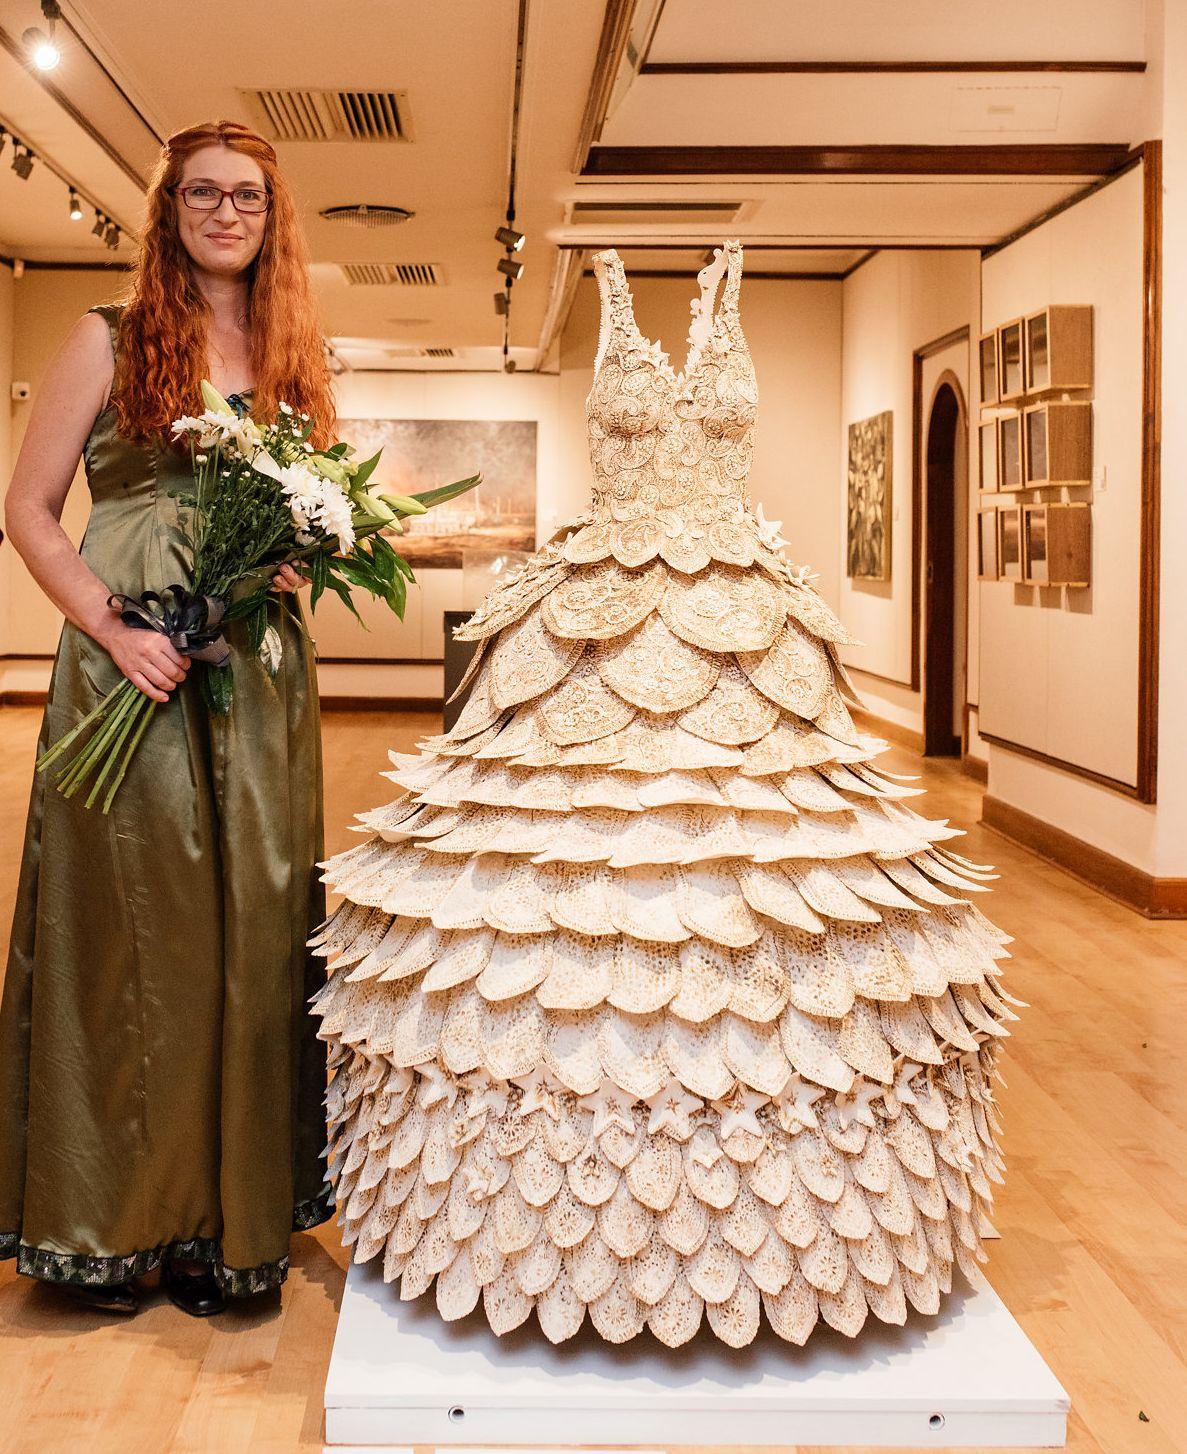 Ceramic wedding dress named Runner-up of the 2016 Phatshoane Henney ...